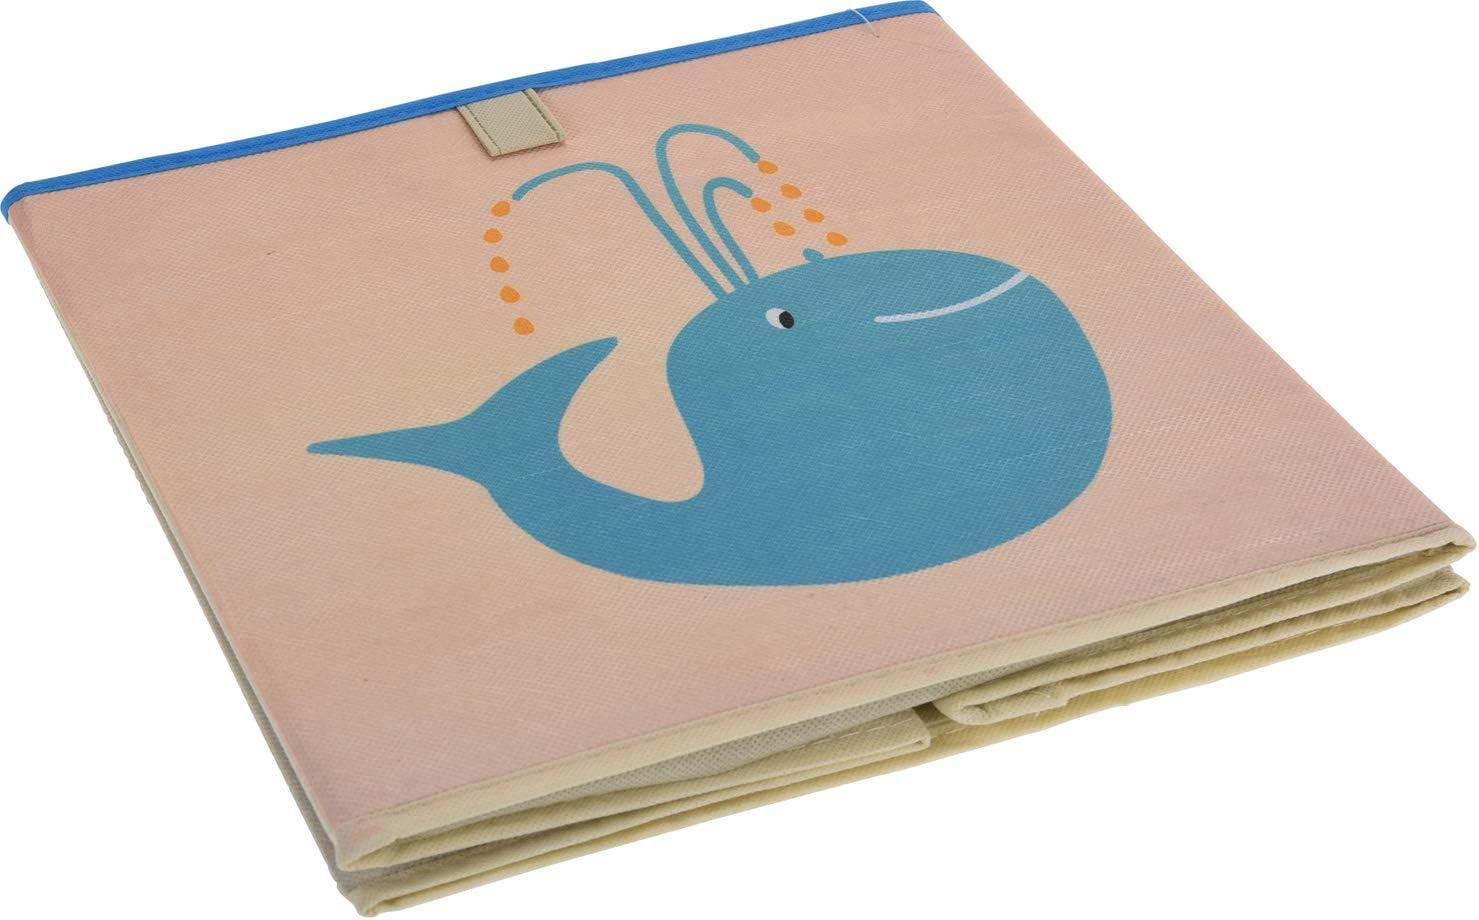 LS-LebenStil Kinder Aufbewahrungsbox Deplhin Spielzeugkiste faltbar 32cm Kiste Schublade Spielzeug Aufbewahrungsw/ürfel